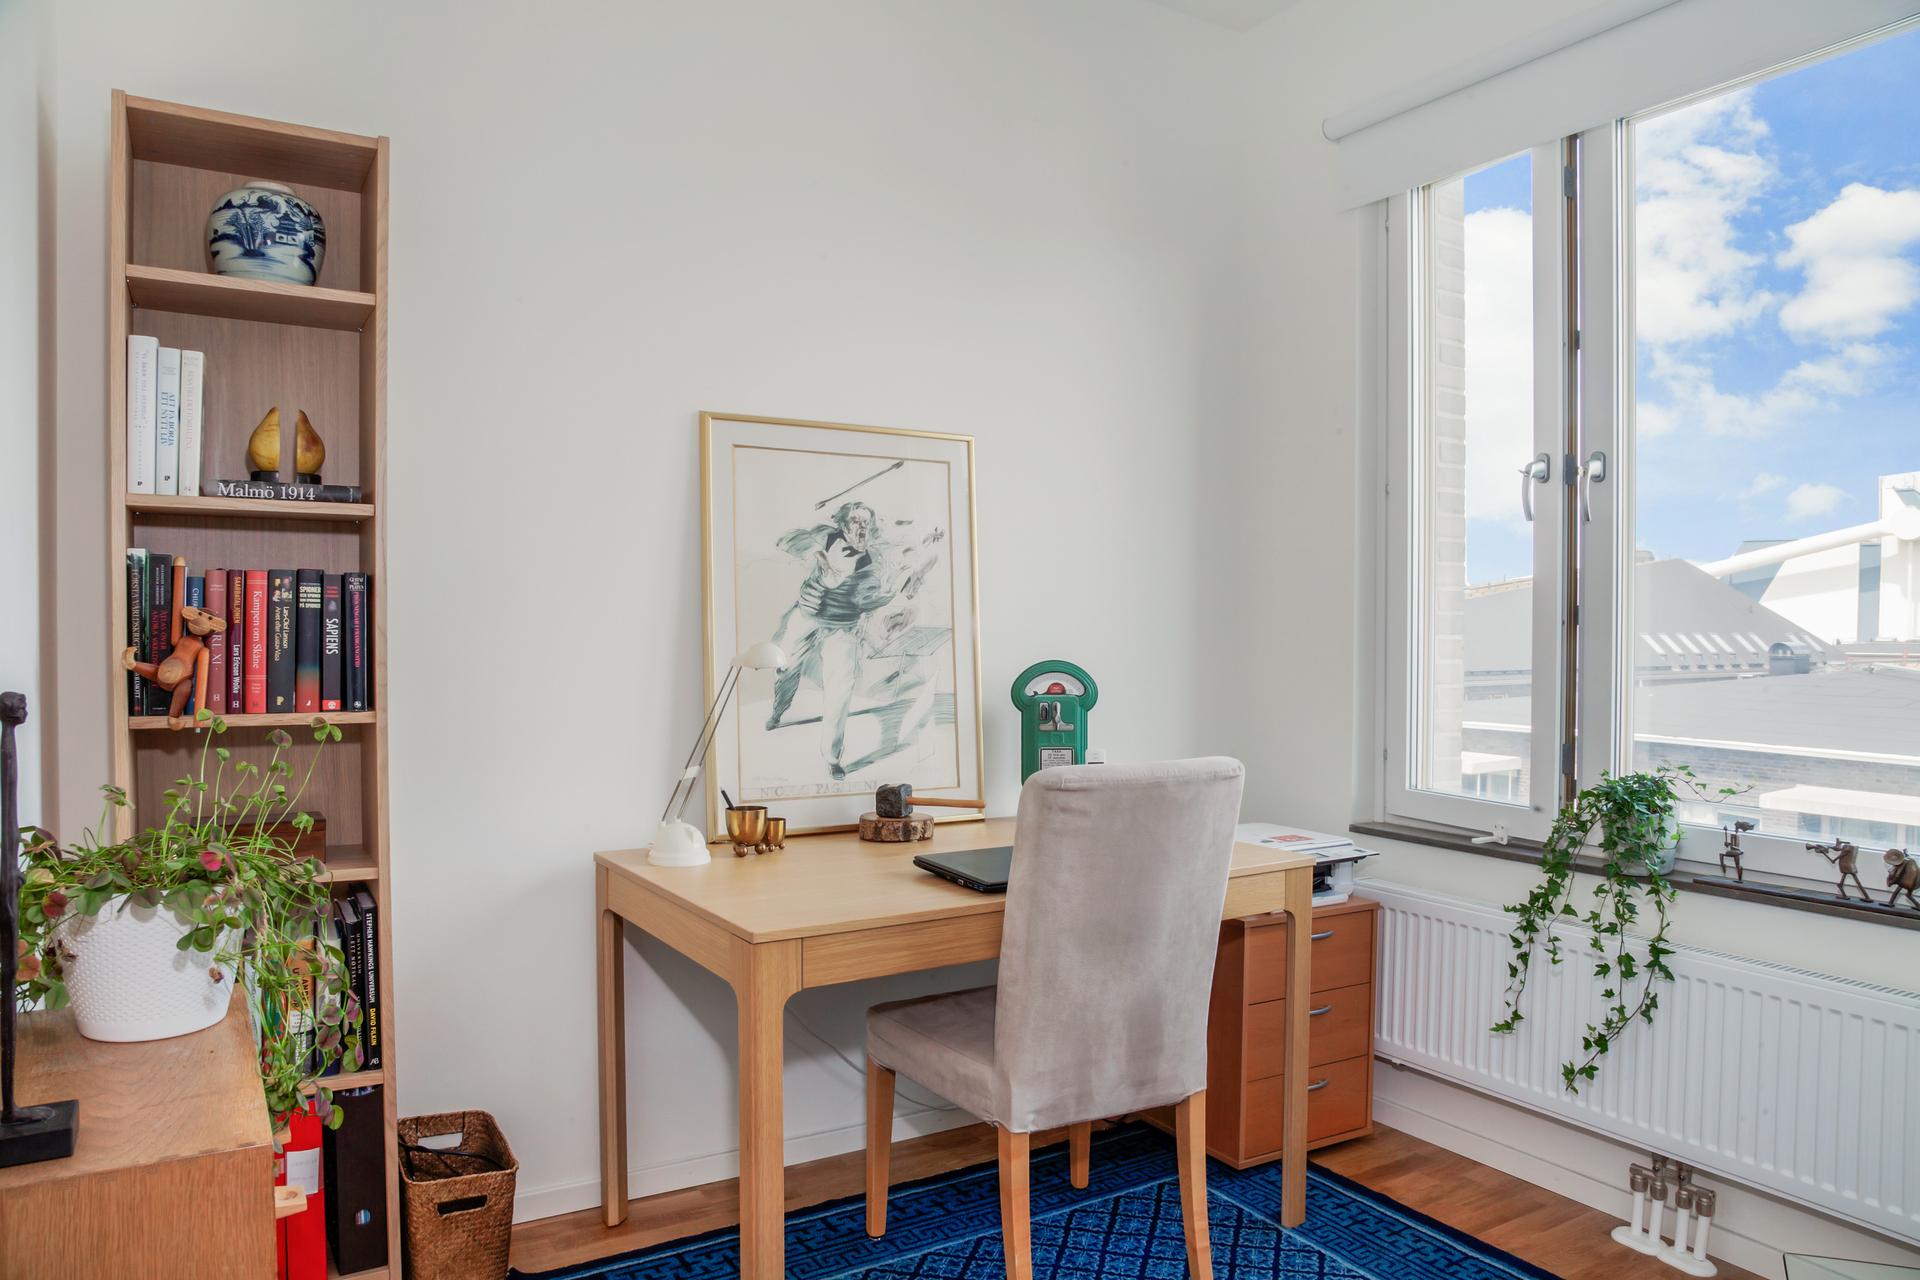 Idag används rummet som kontor, men här finns plats för t.ex. säng och förvaringsmöbler om man så önskar